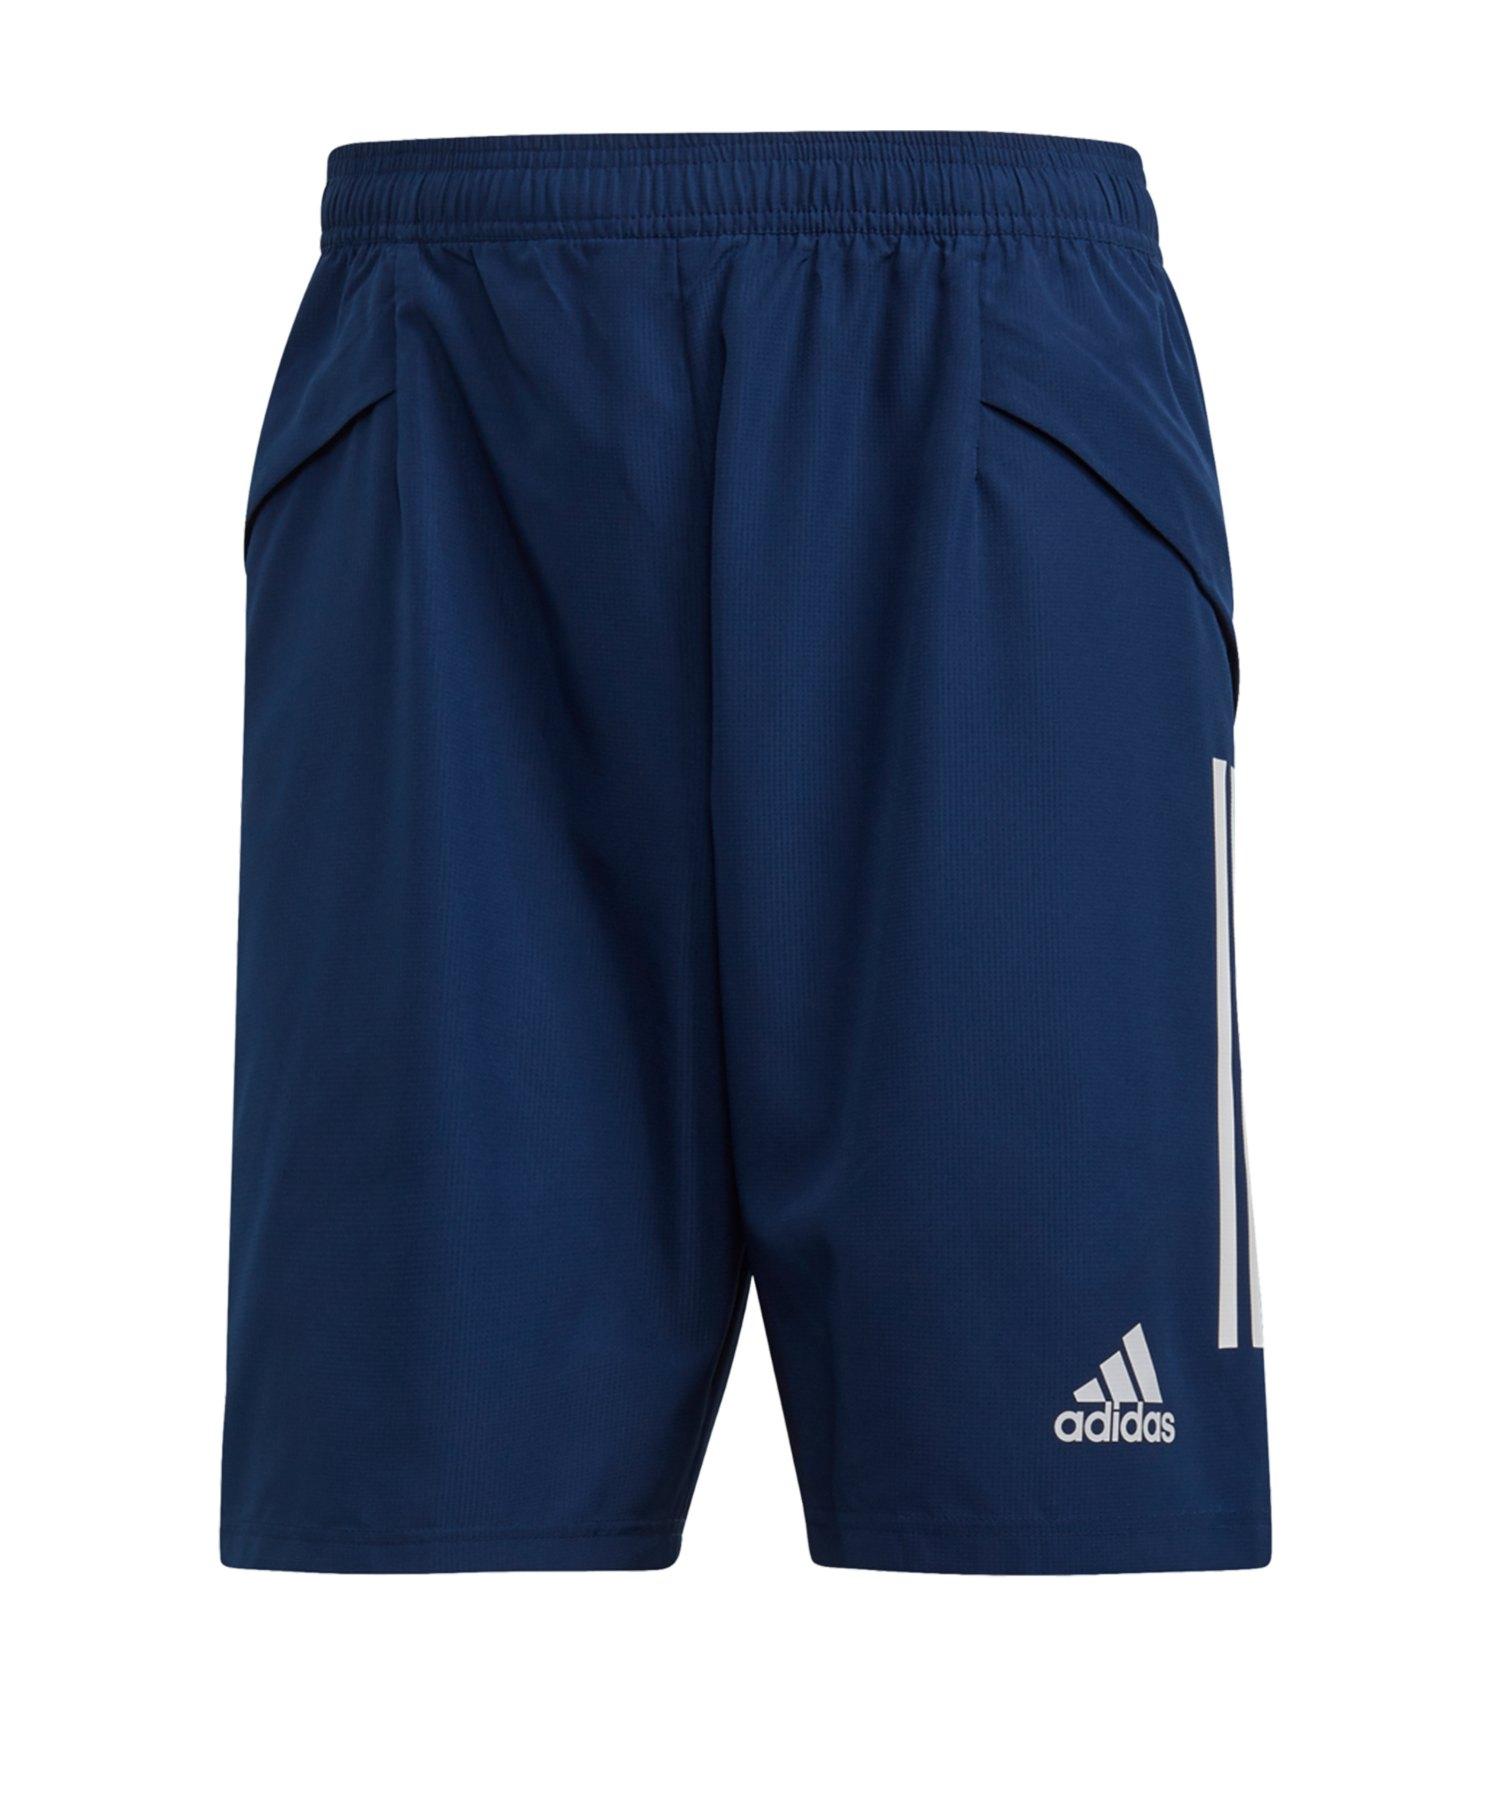 adidas Condivo 20 DT Short Dunkelblau Weiss - blau